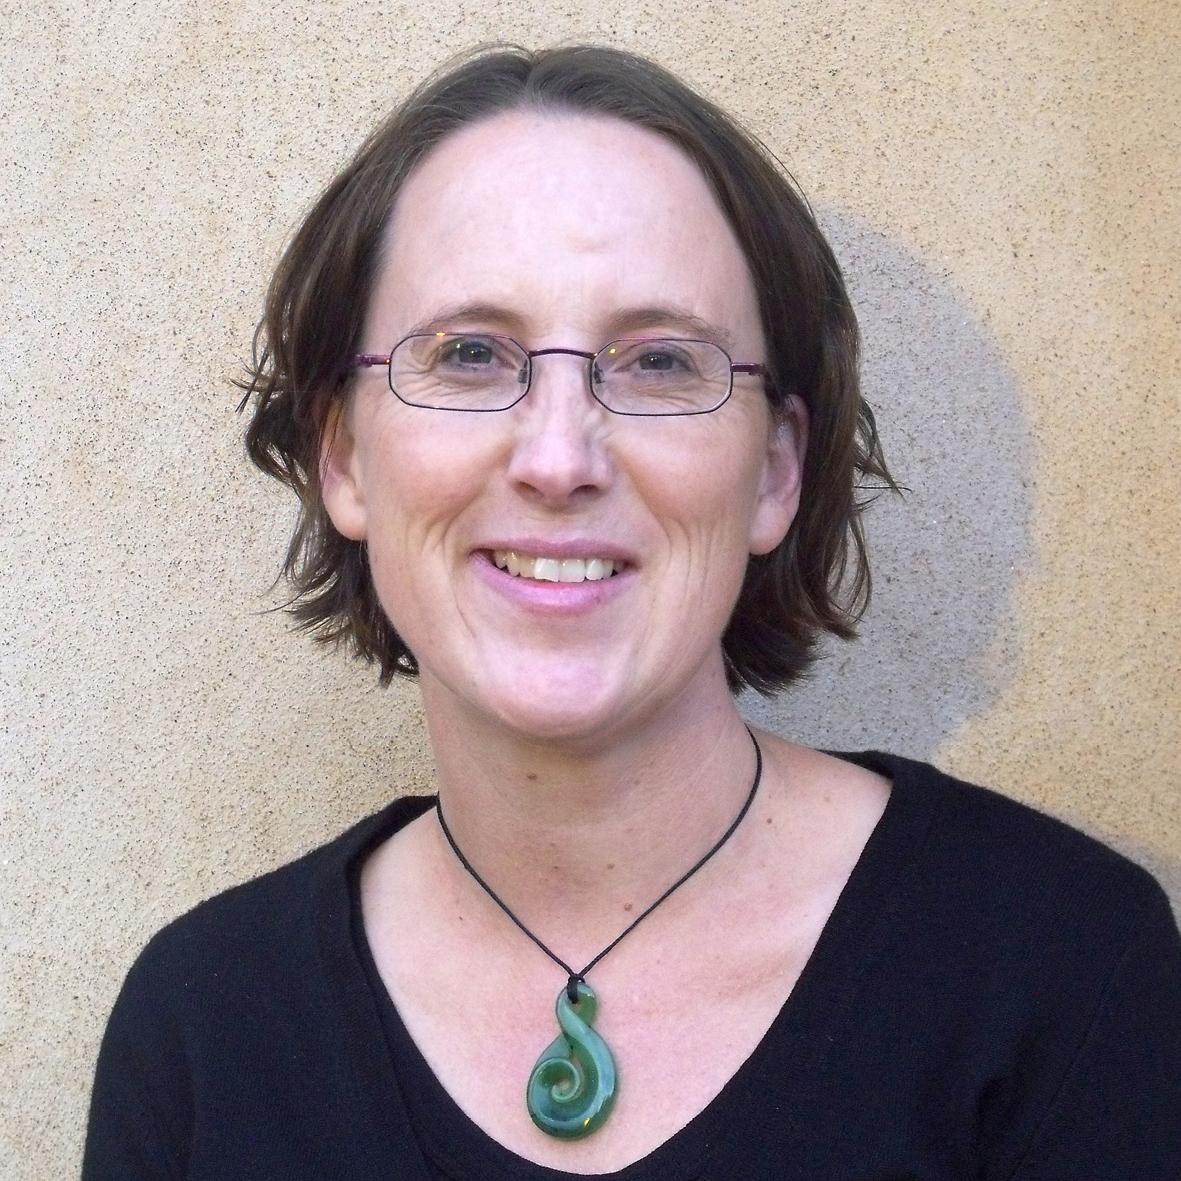 Rosemary Dewerse